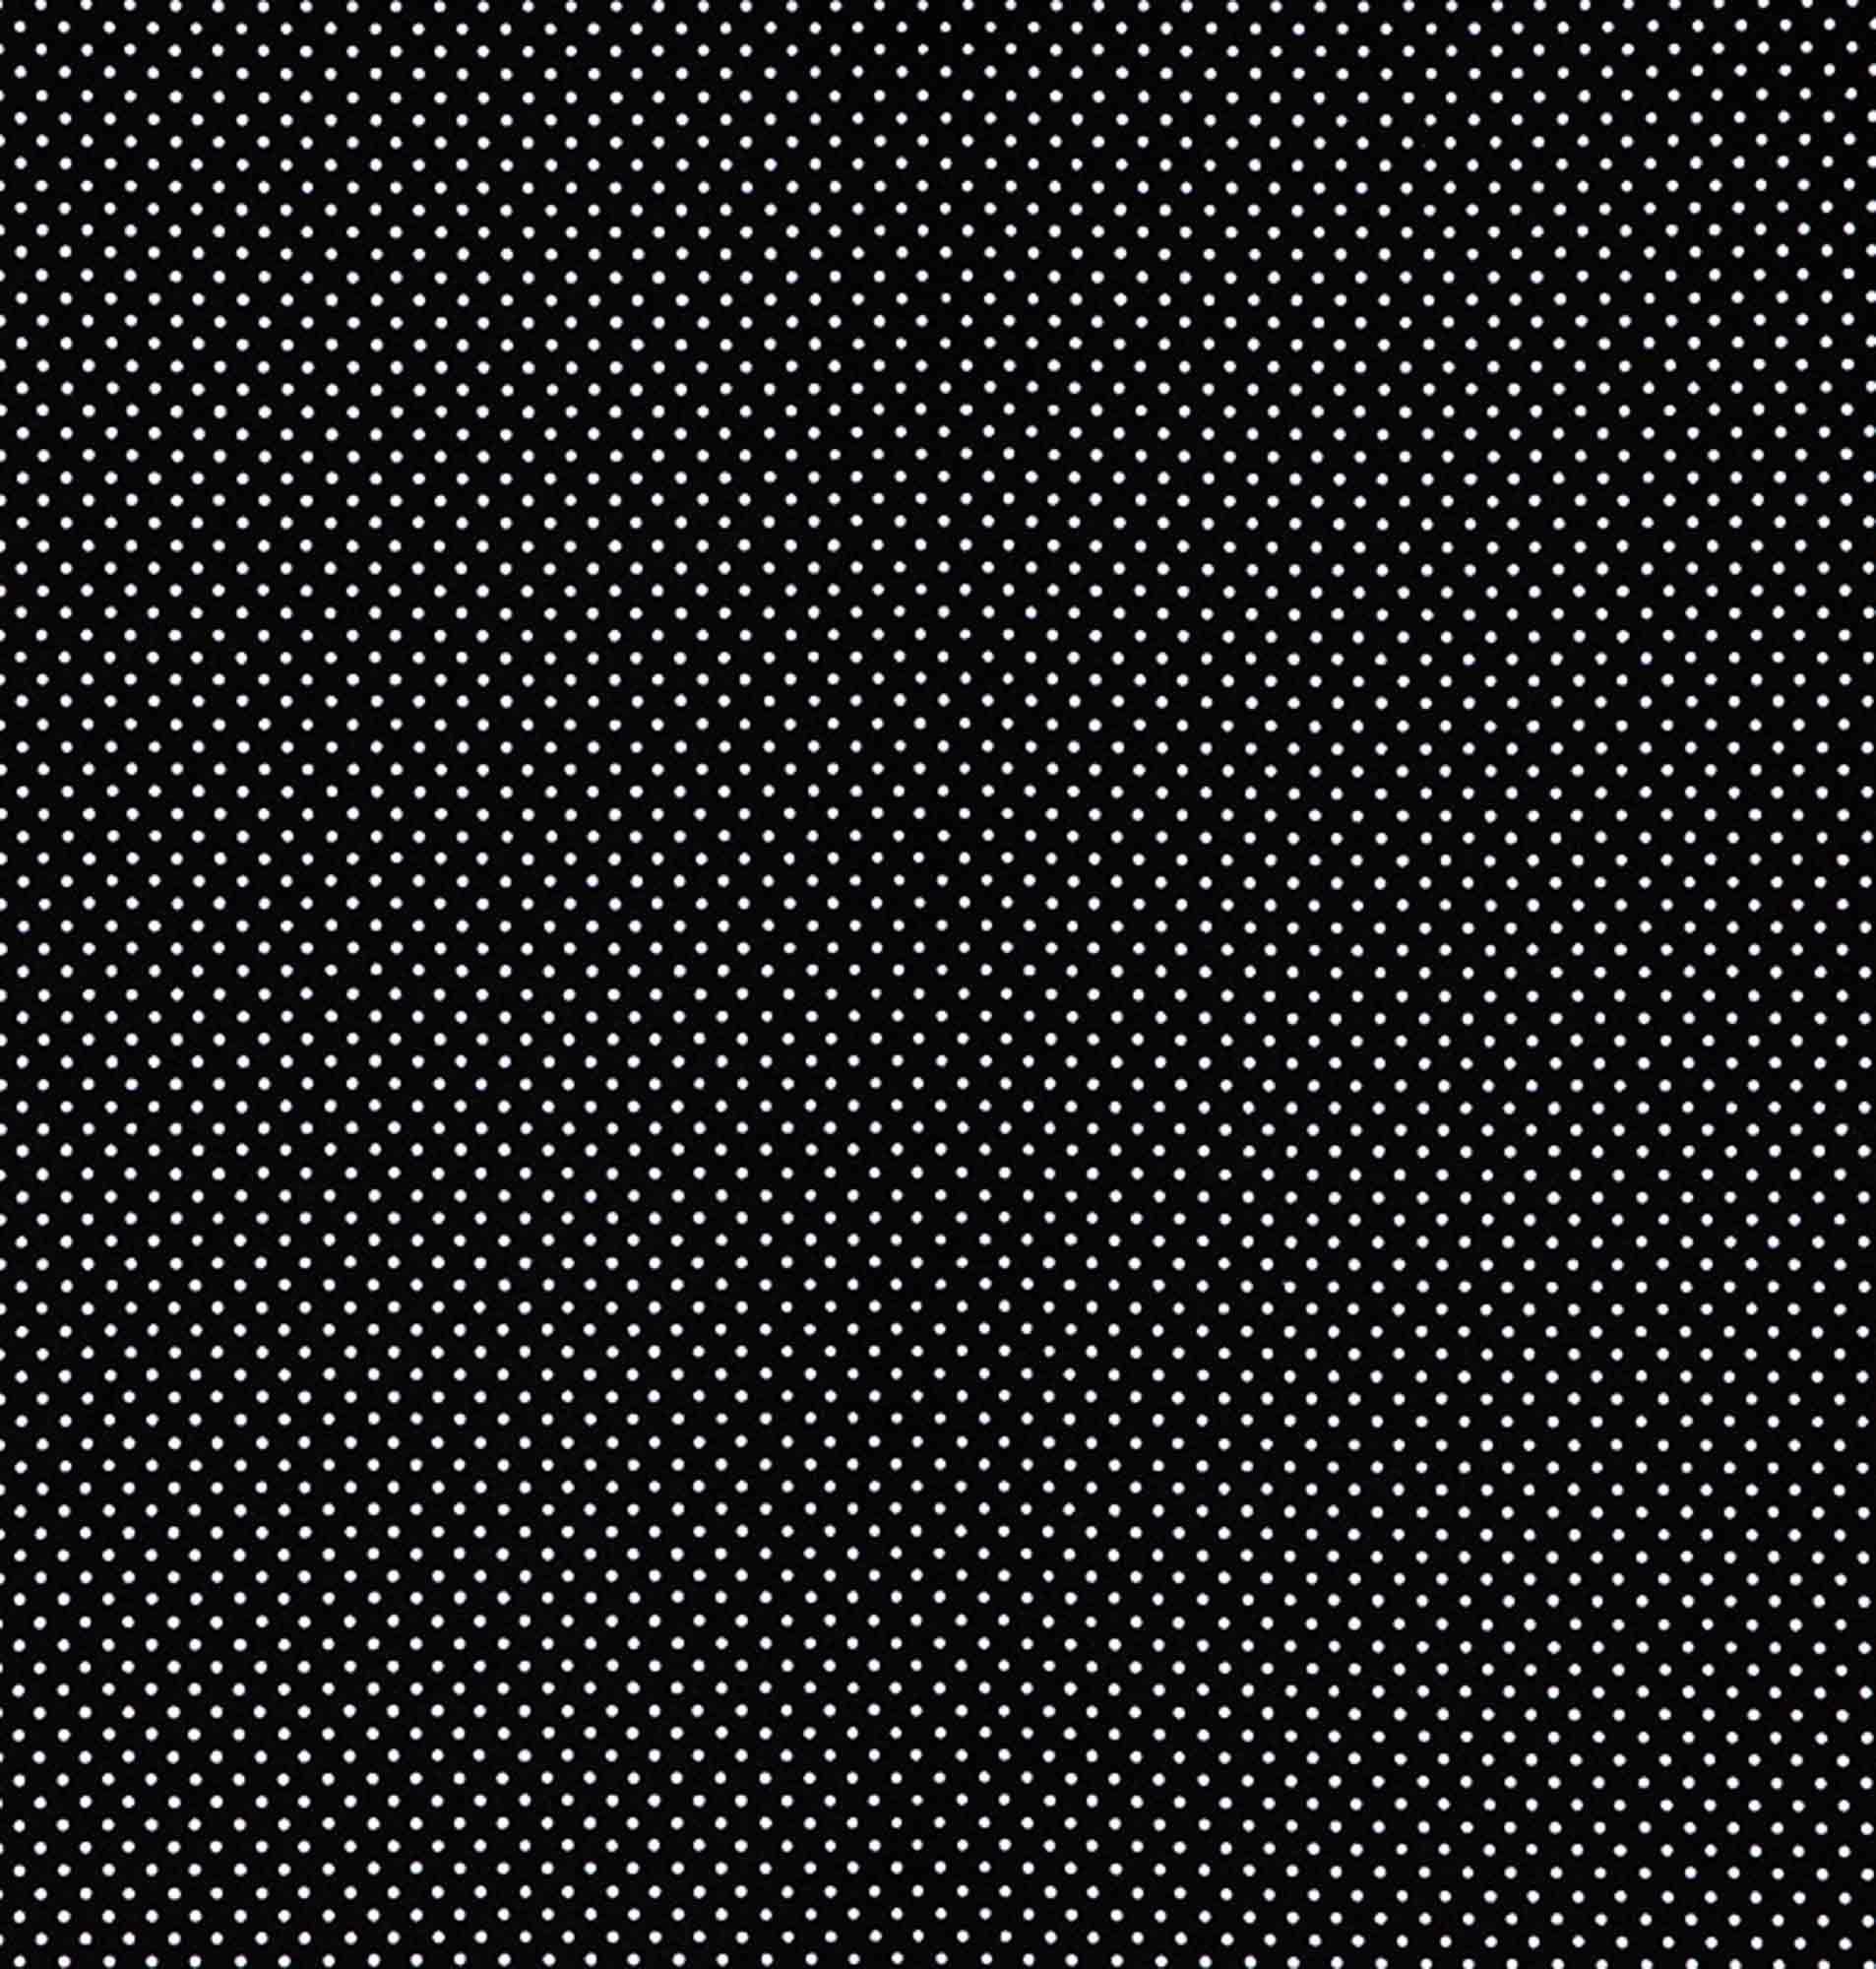 Tecido tricoline estampado dohler 100% algodão poa preto